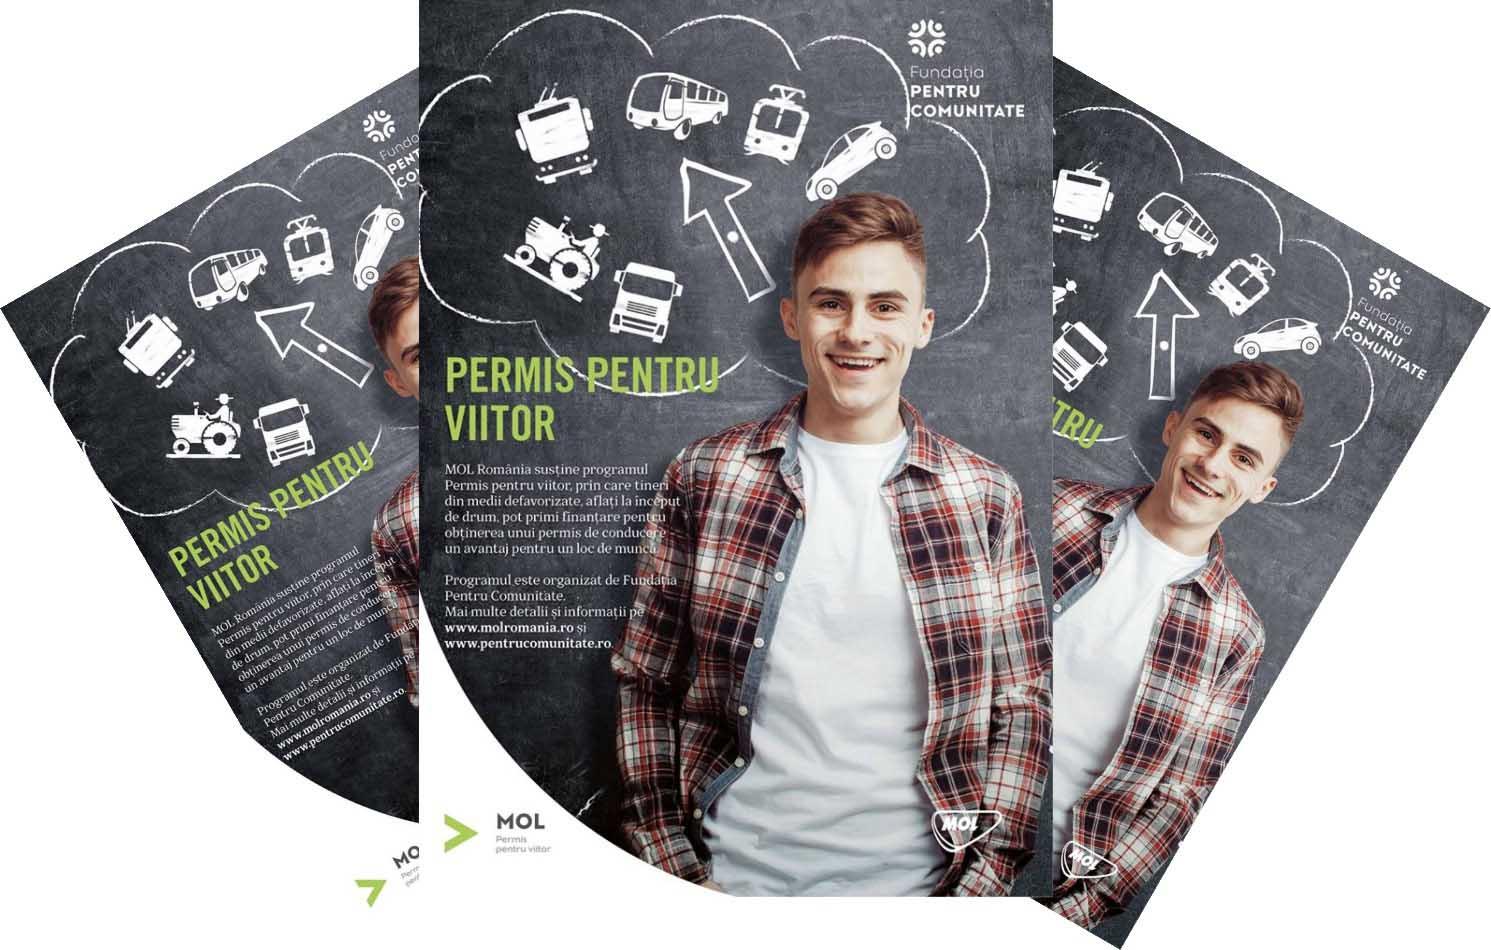 Tinerii fără posibilități din Teleorman pot obține permisul de conducere printr-un Program derulat de MOL România și Fundația pentru Comunitate